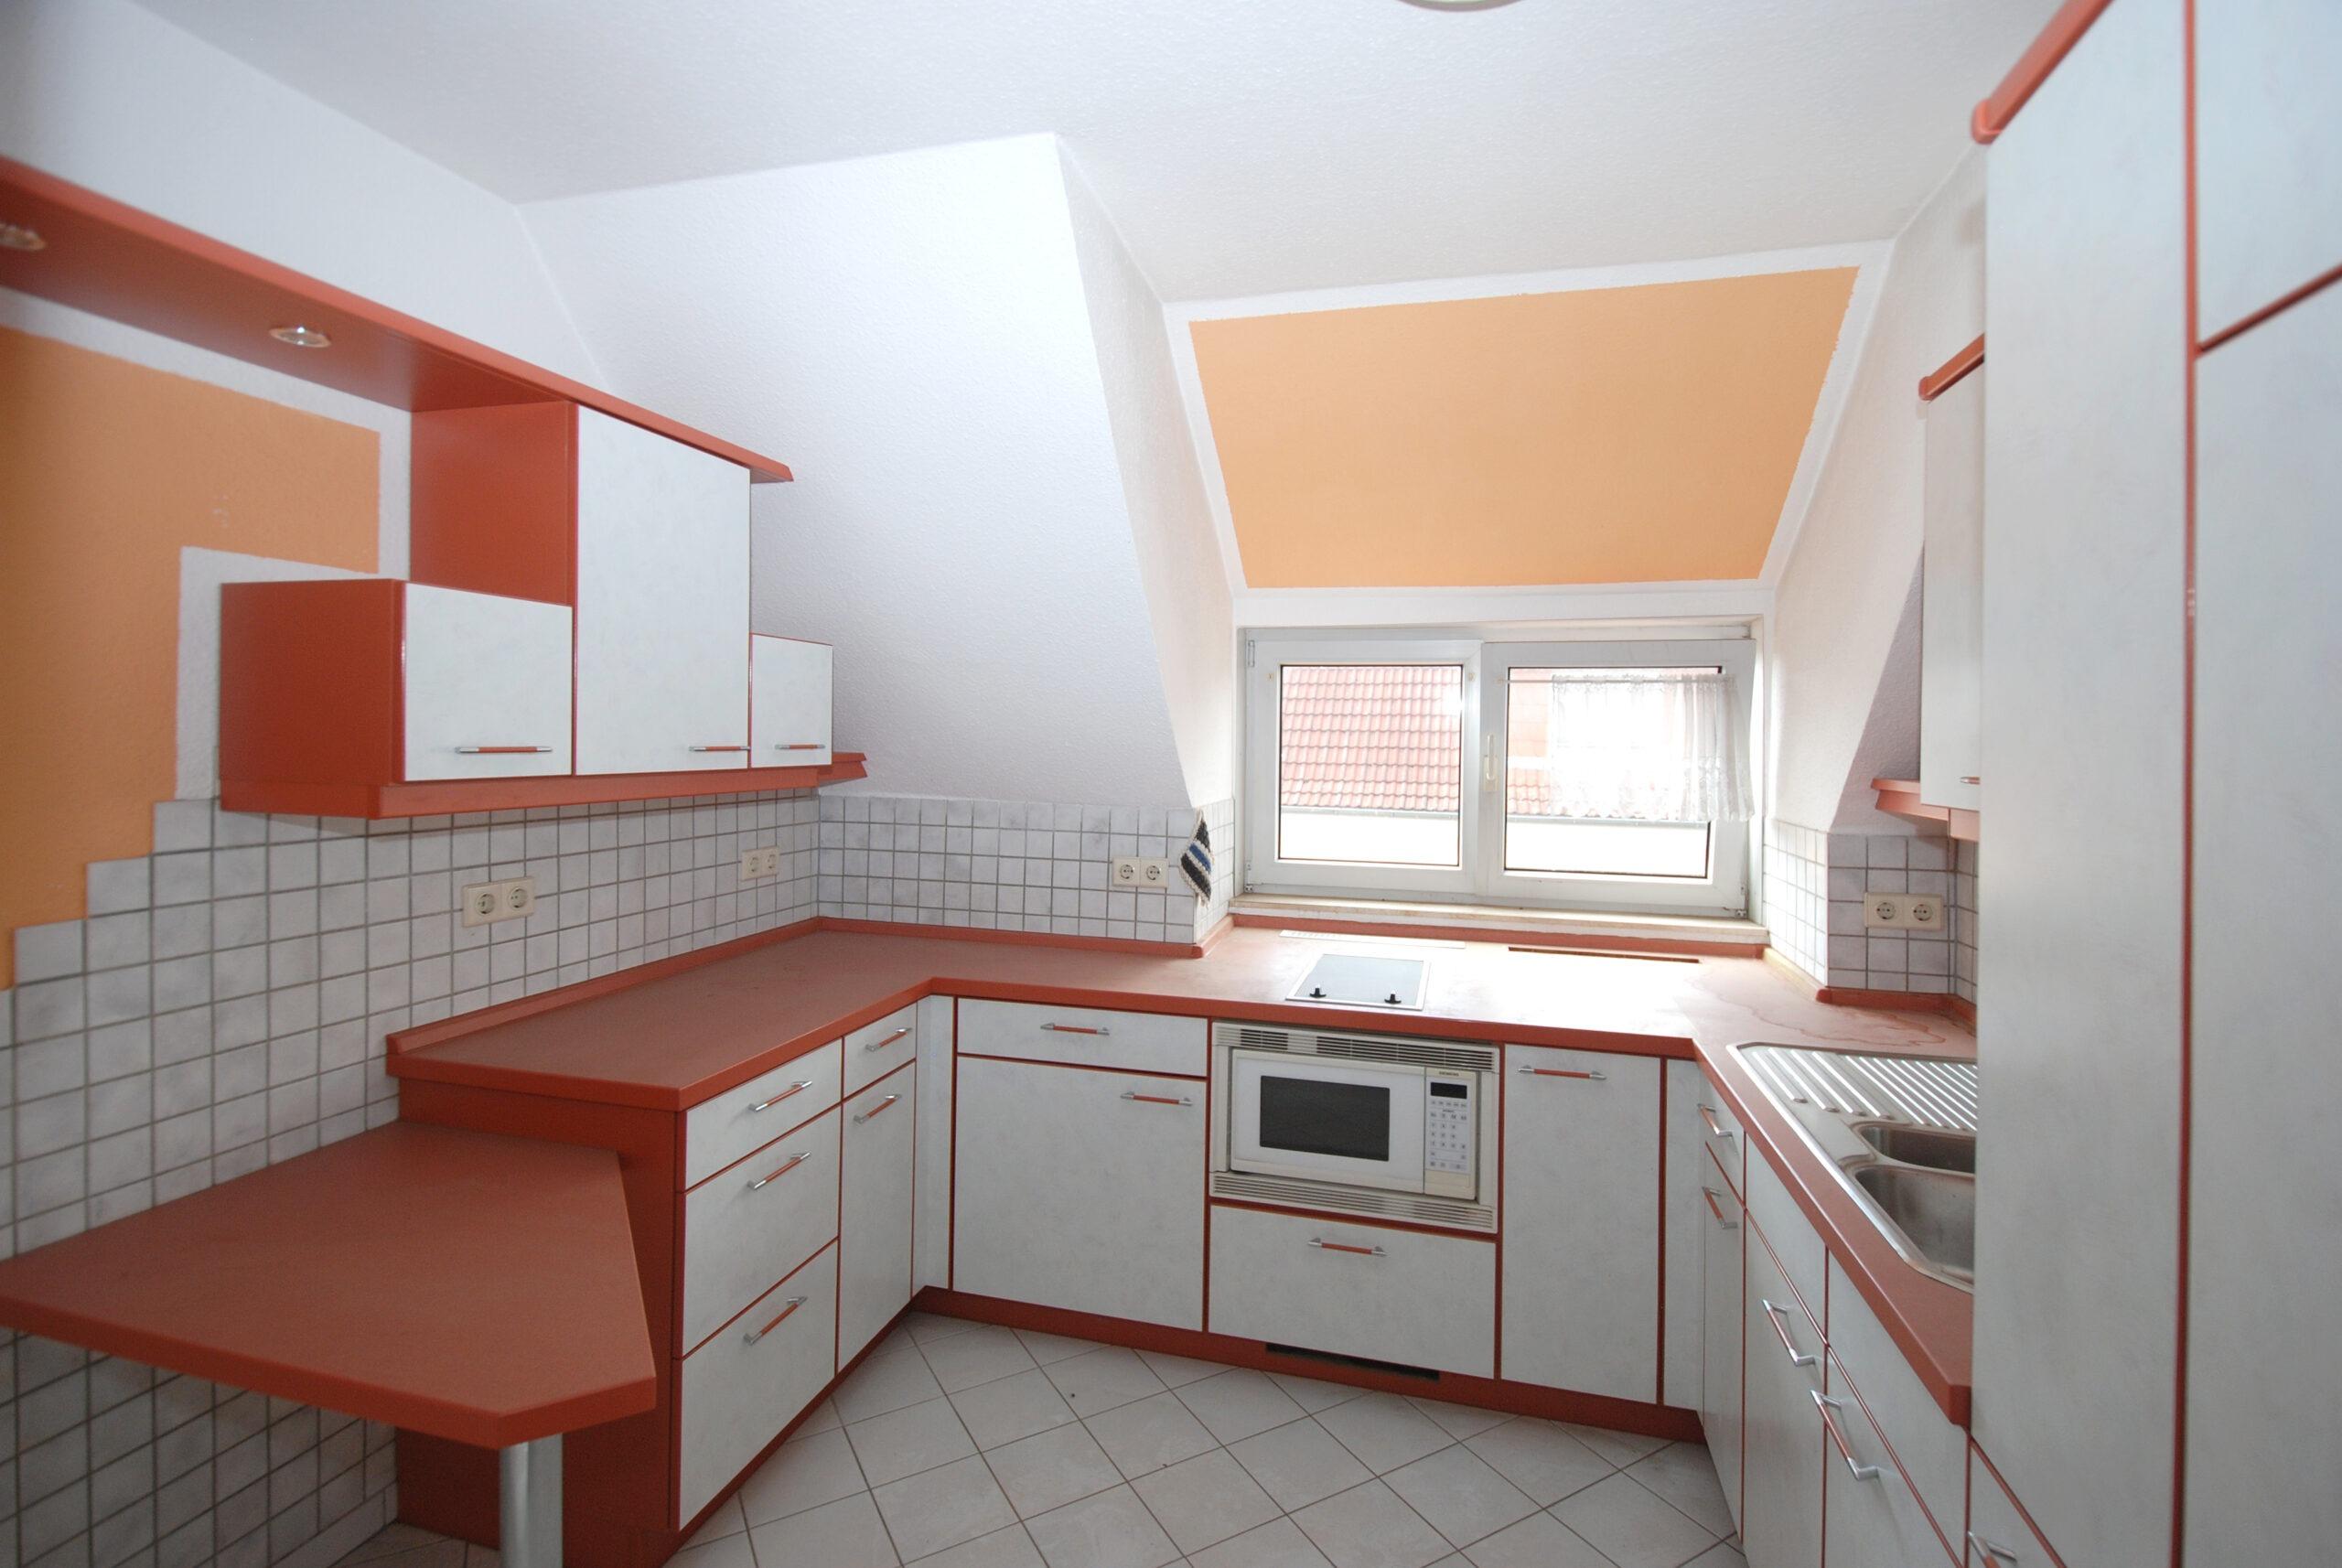 Wohn- u. Geschäftshaus - DG - Küche Wohnung DG